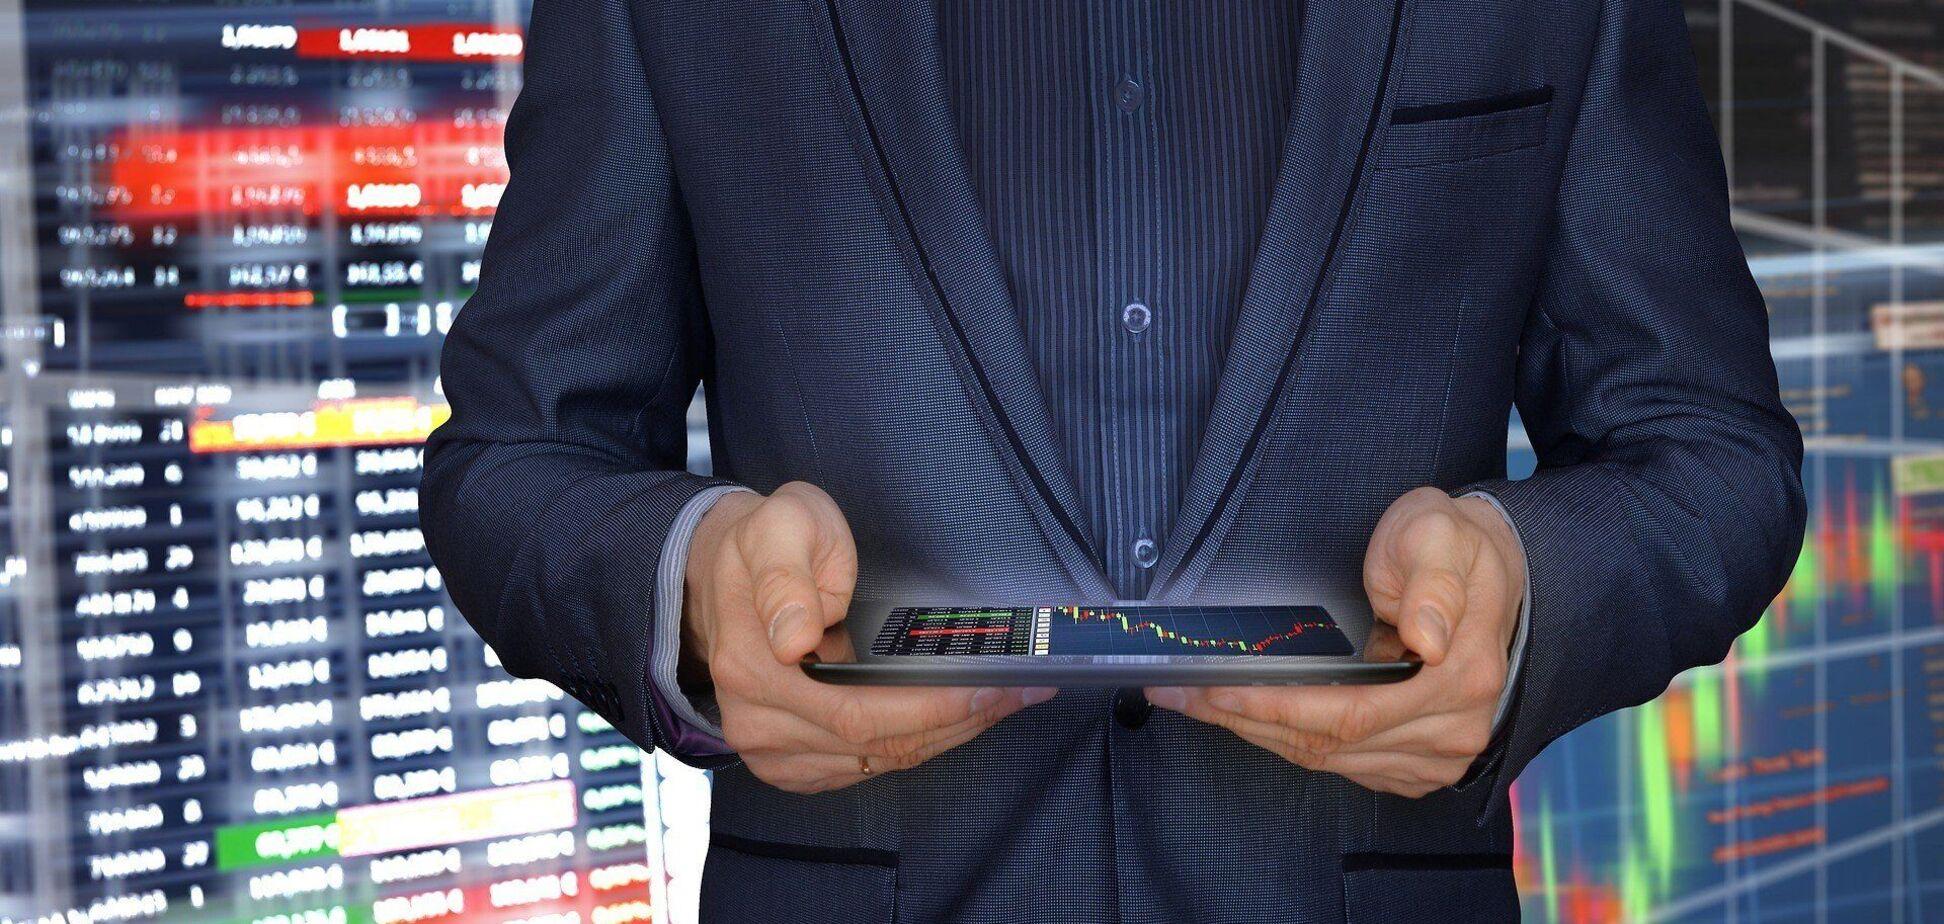 Новая стратегия цифровых финансов в Европе: НБУ реализует лучшие практики в этой сфере